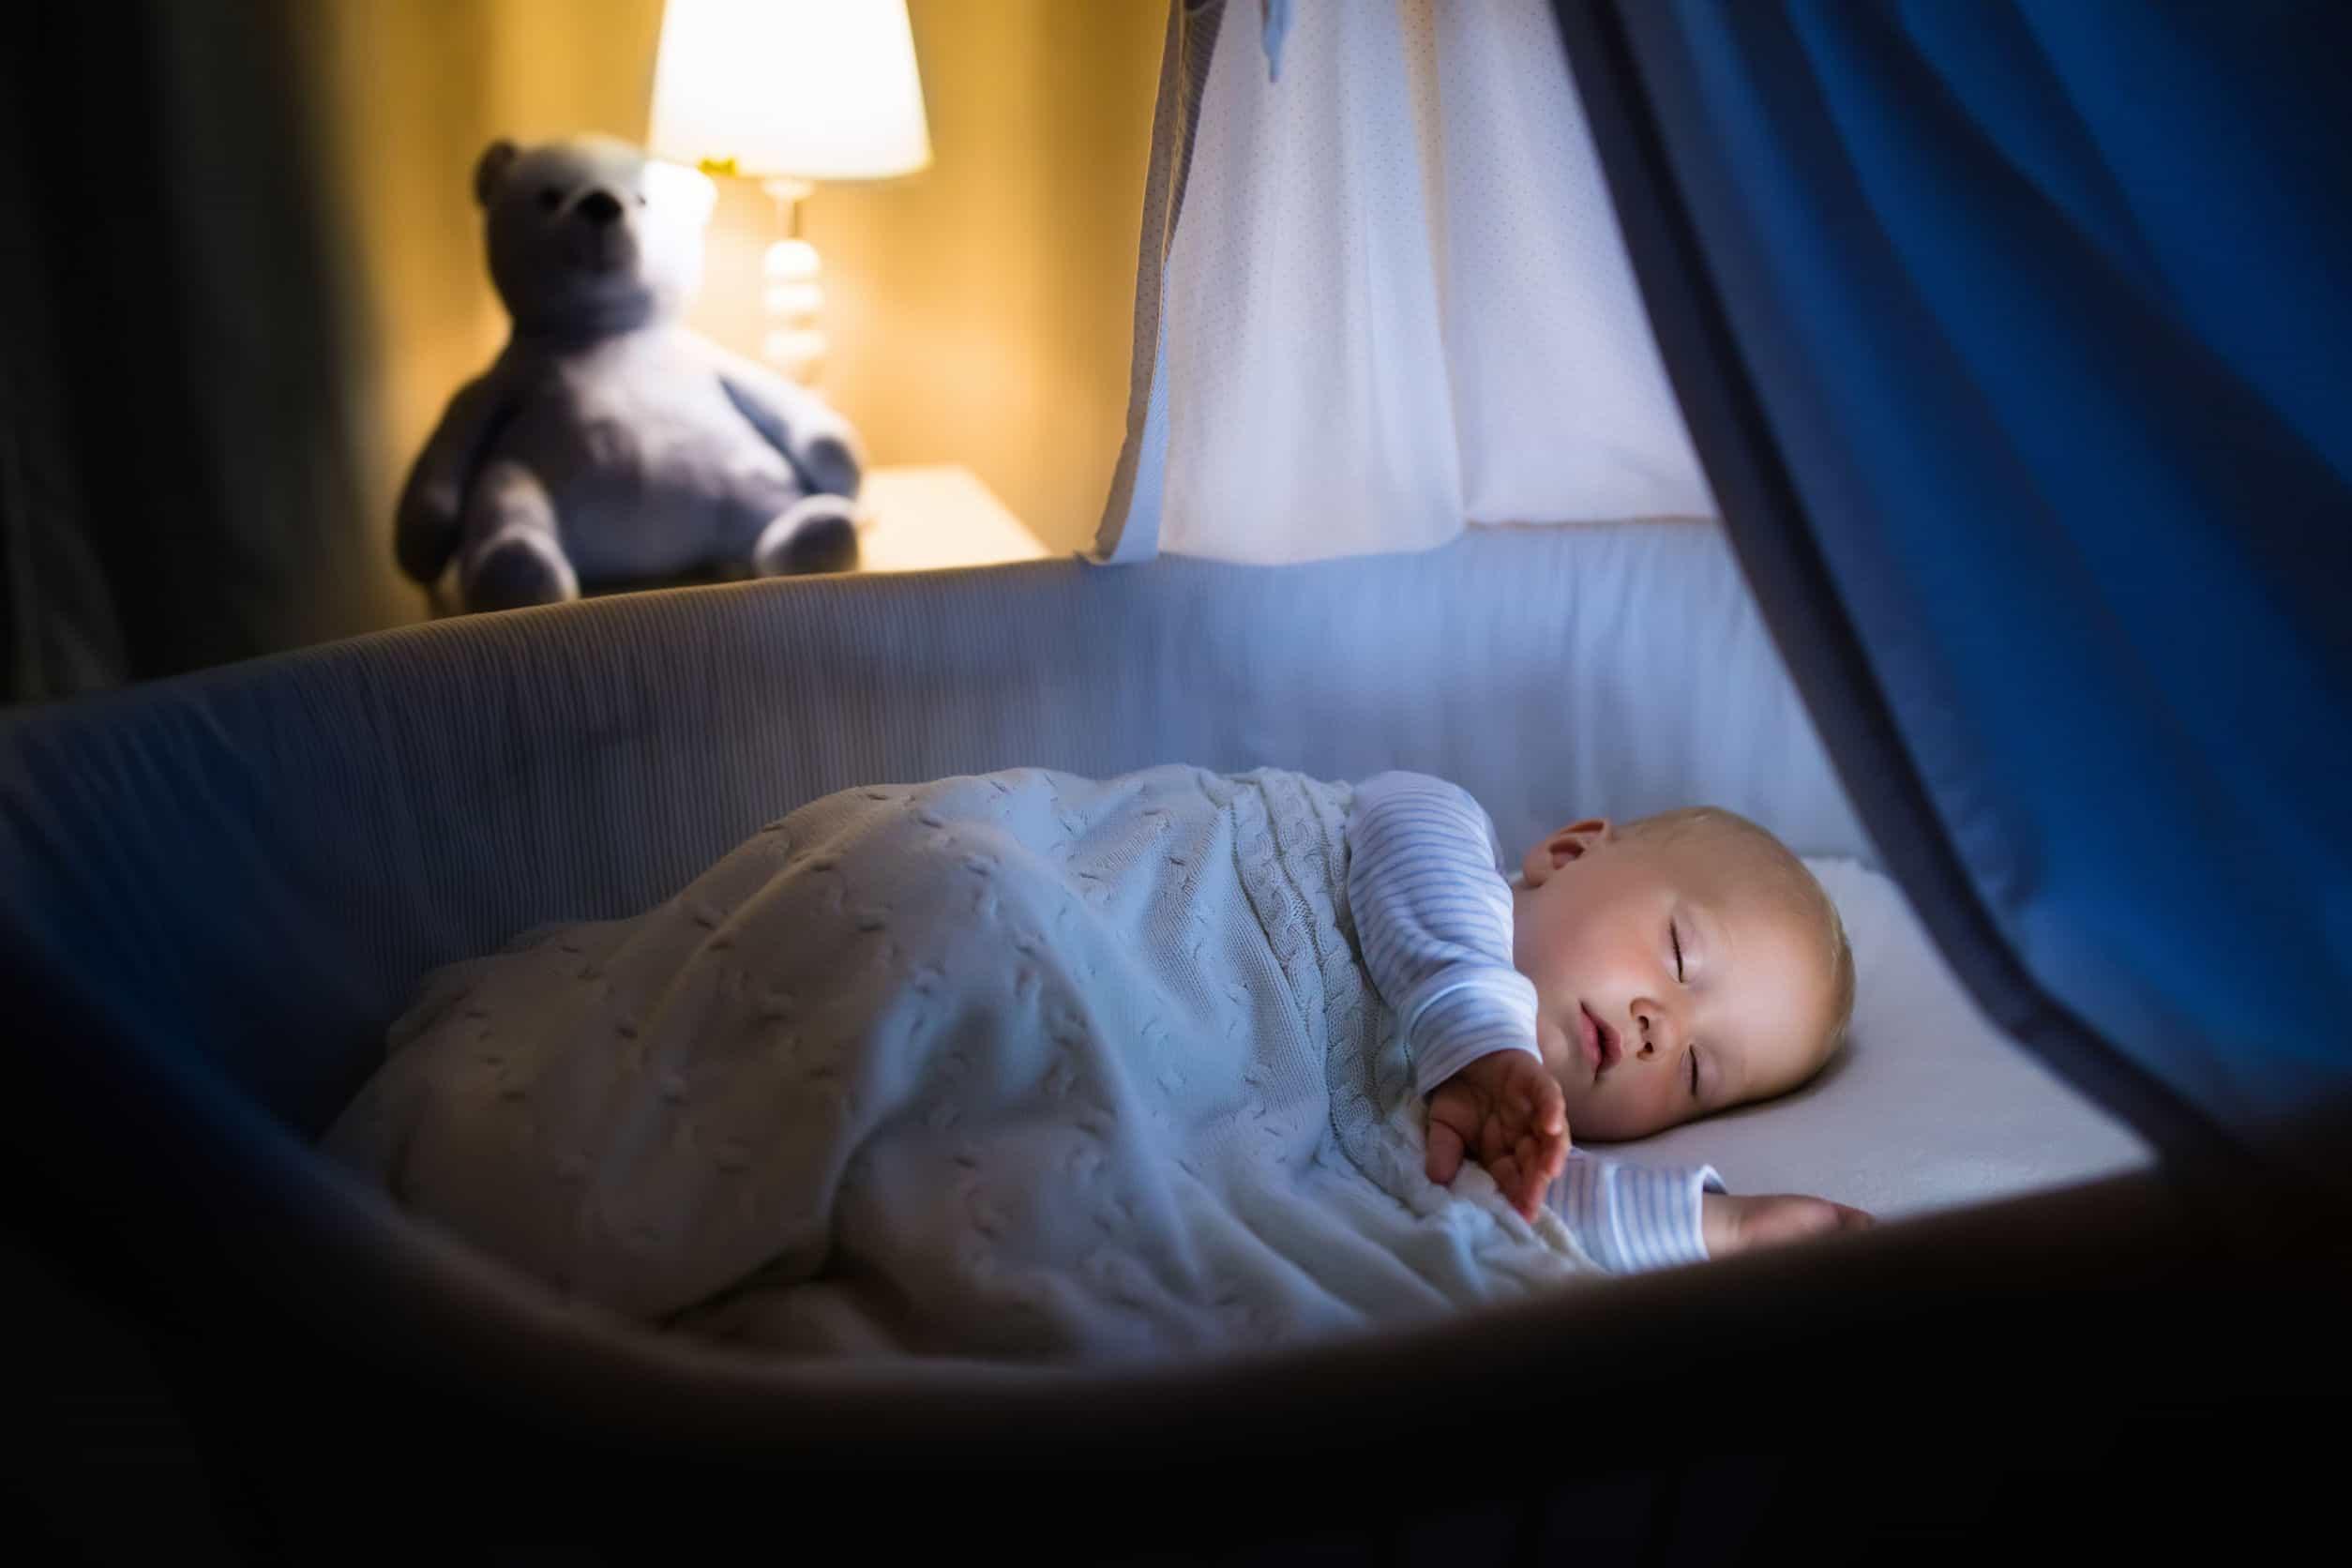 Bebê dormindo em berço à noite